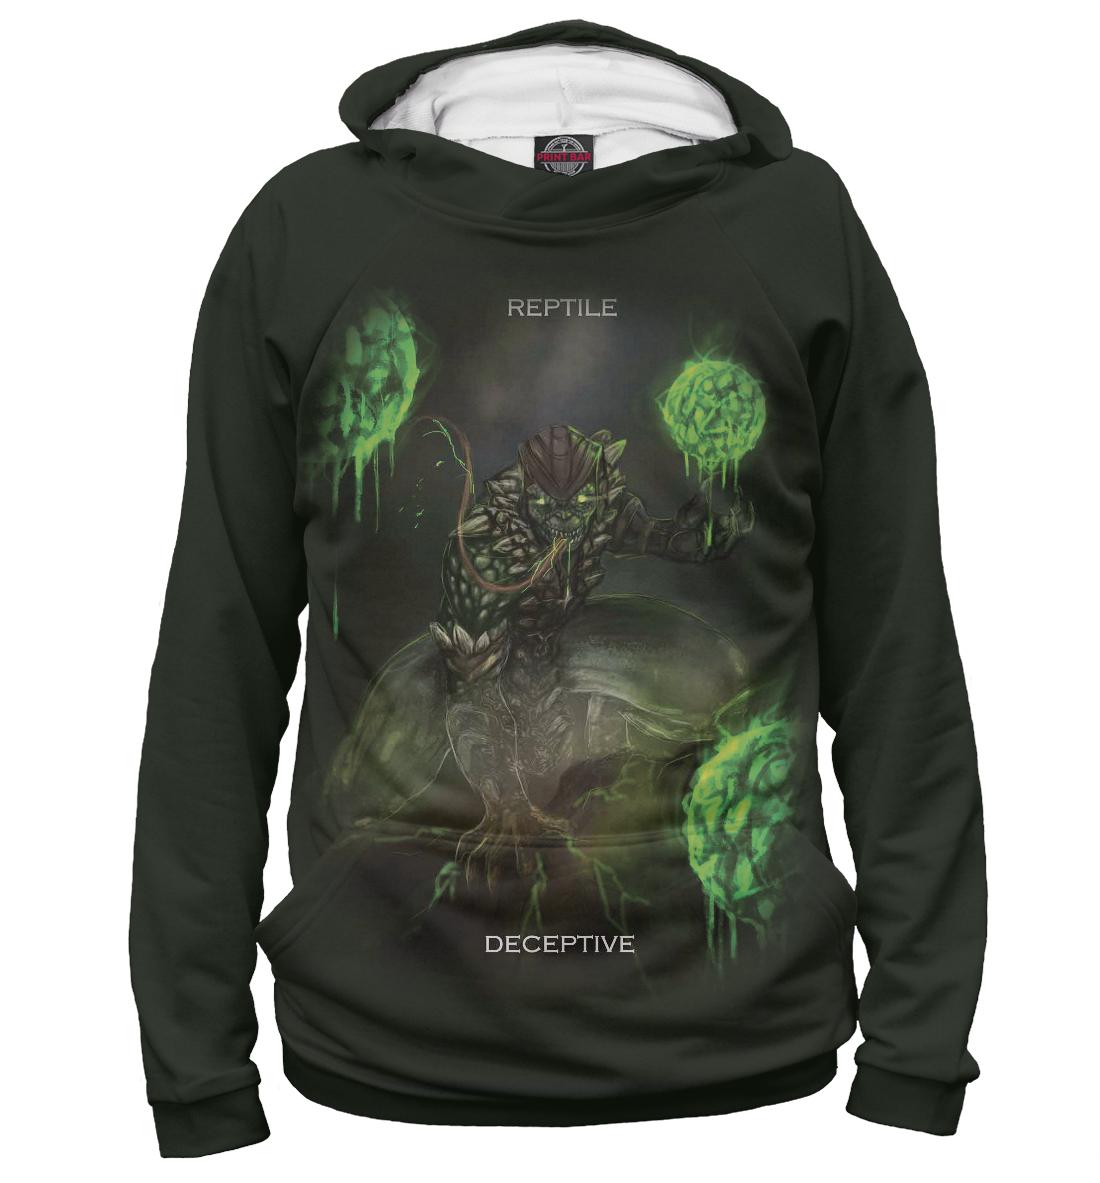 Купить Reptile, Printbar, Худи, MKB-568847-hud-2